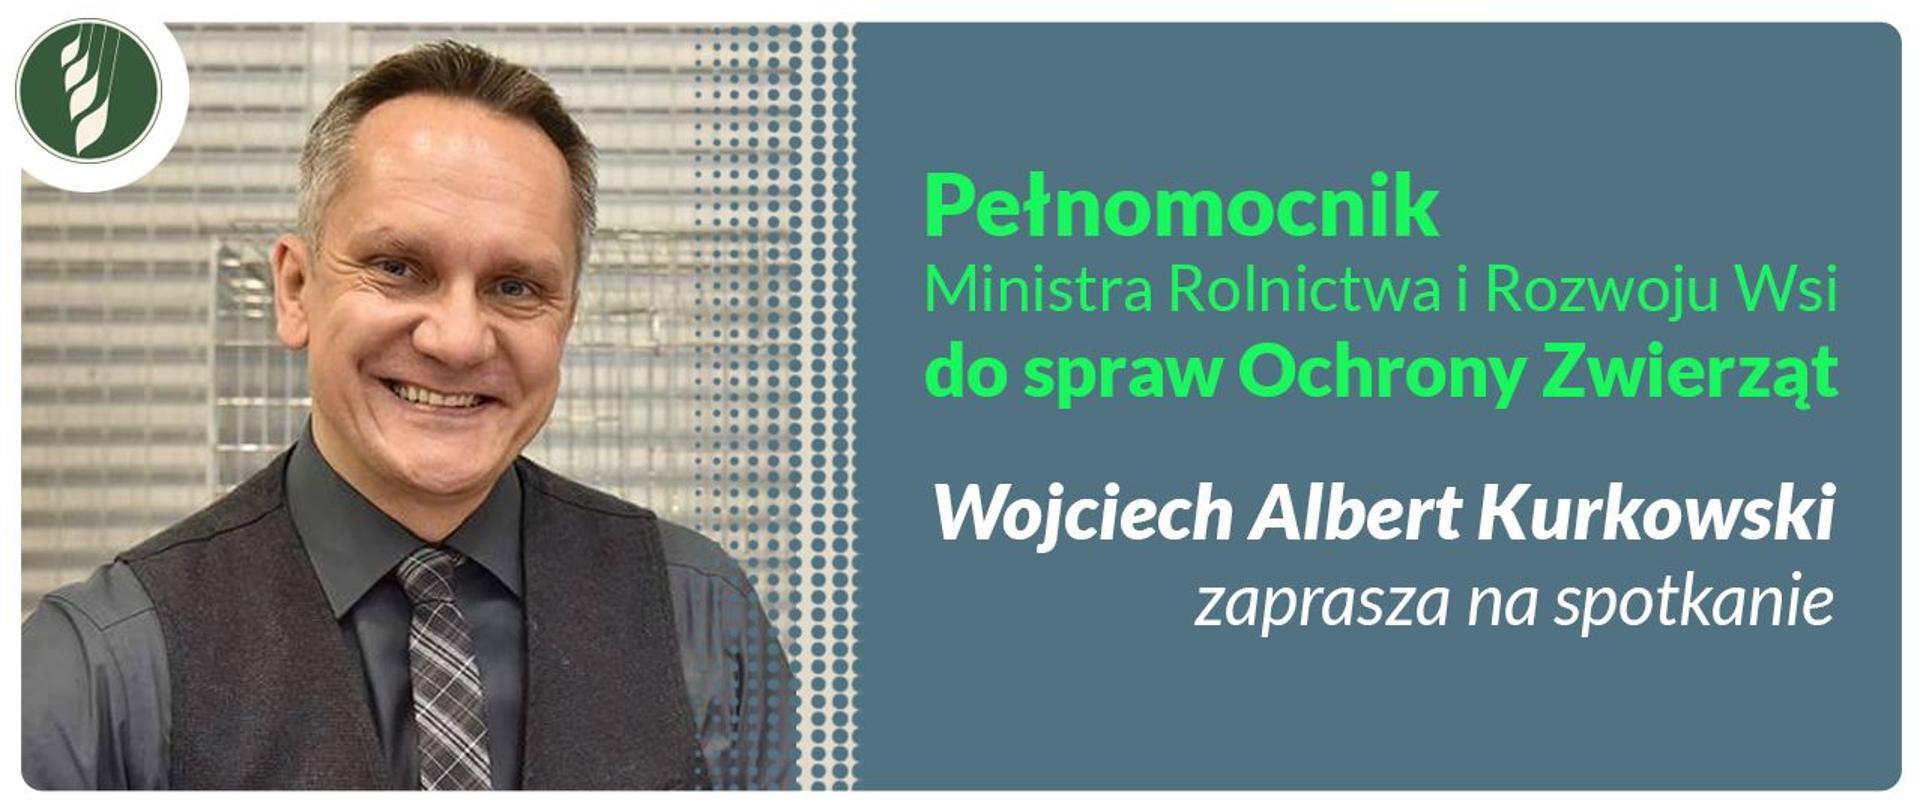 Pełnomocnik Ministra RiRW ds. ochrony zwierząt W.A. Kurkowski